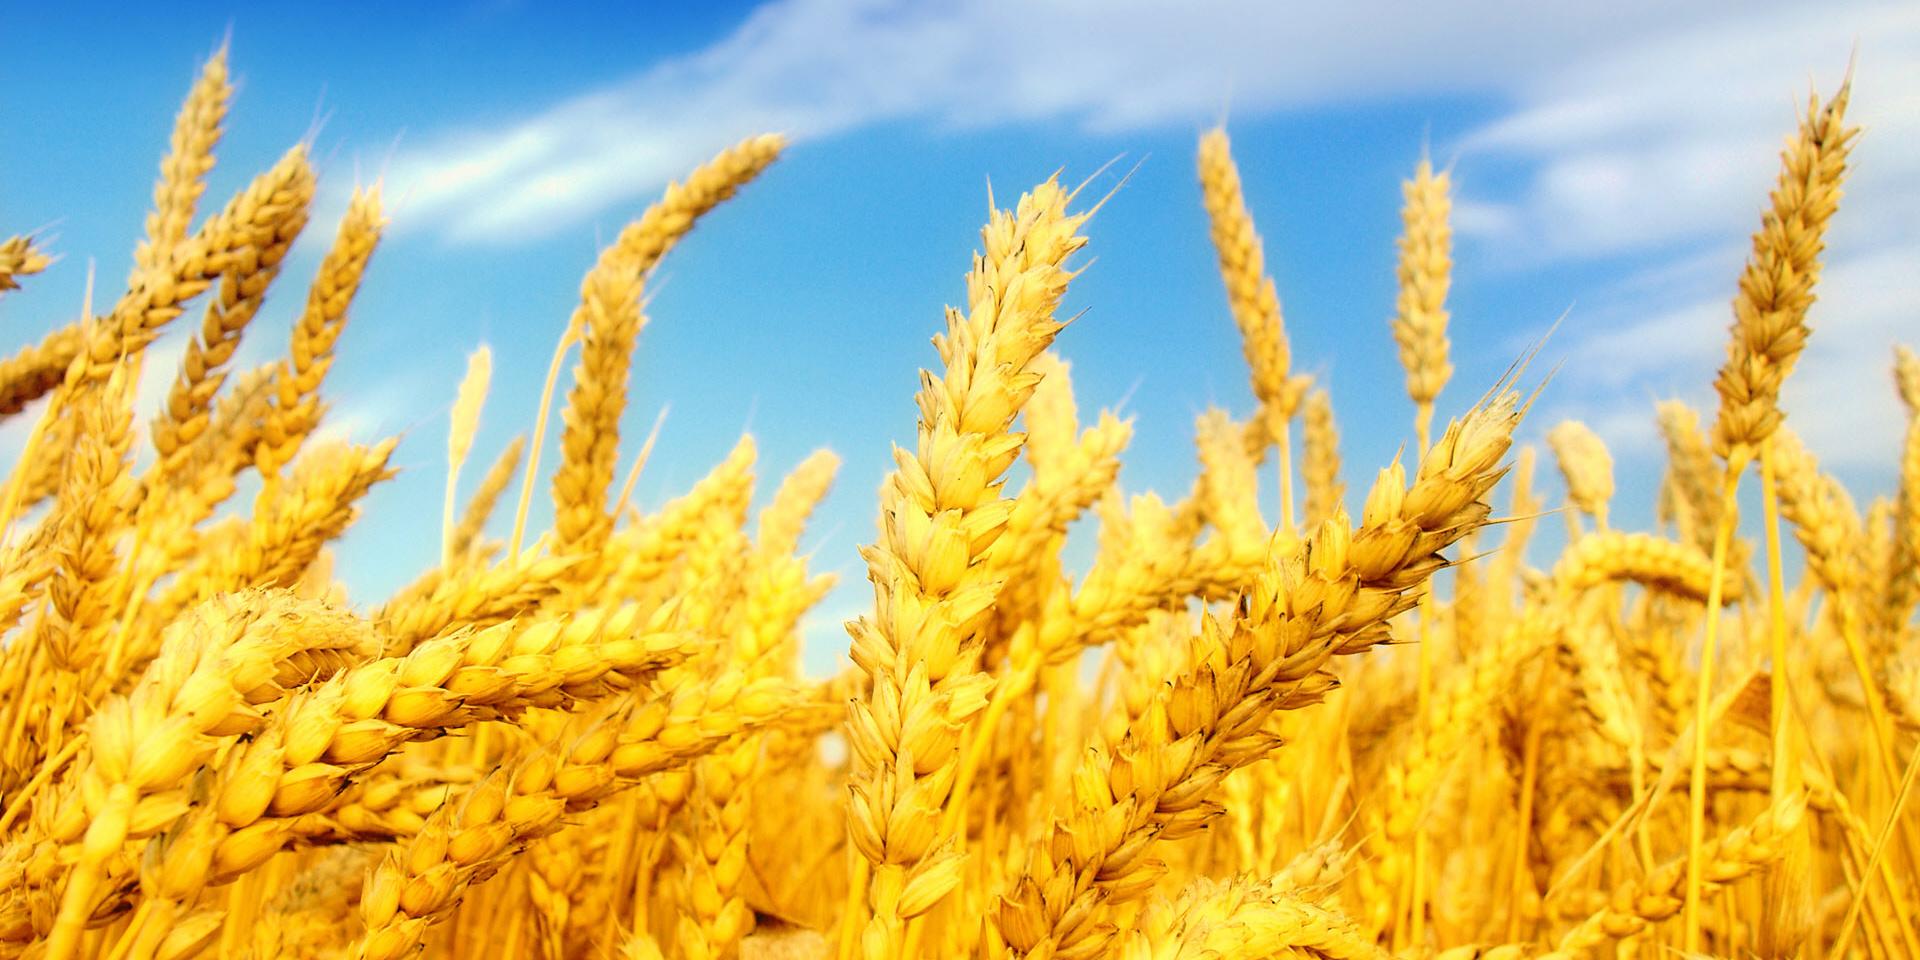 امسال 530 هزار تن گندم در استان اردبیل خریداری میشود